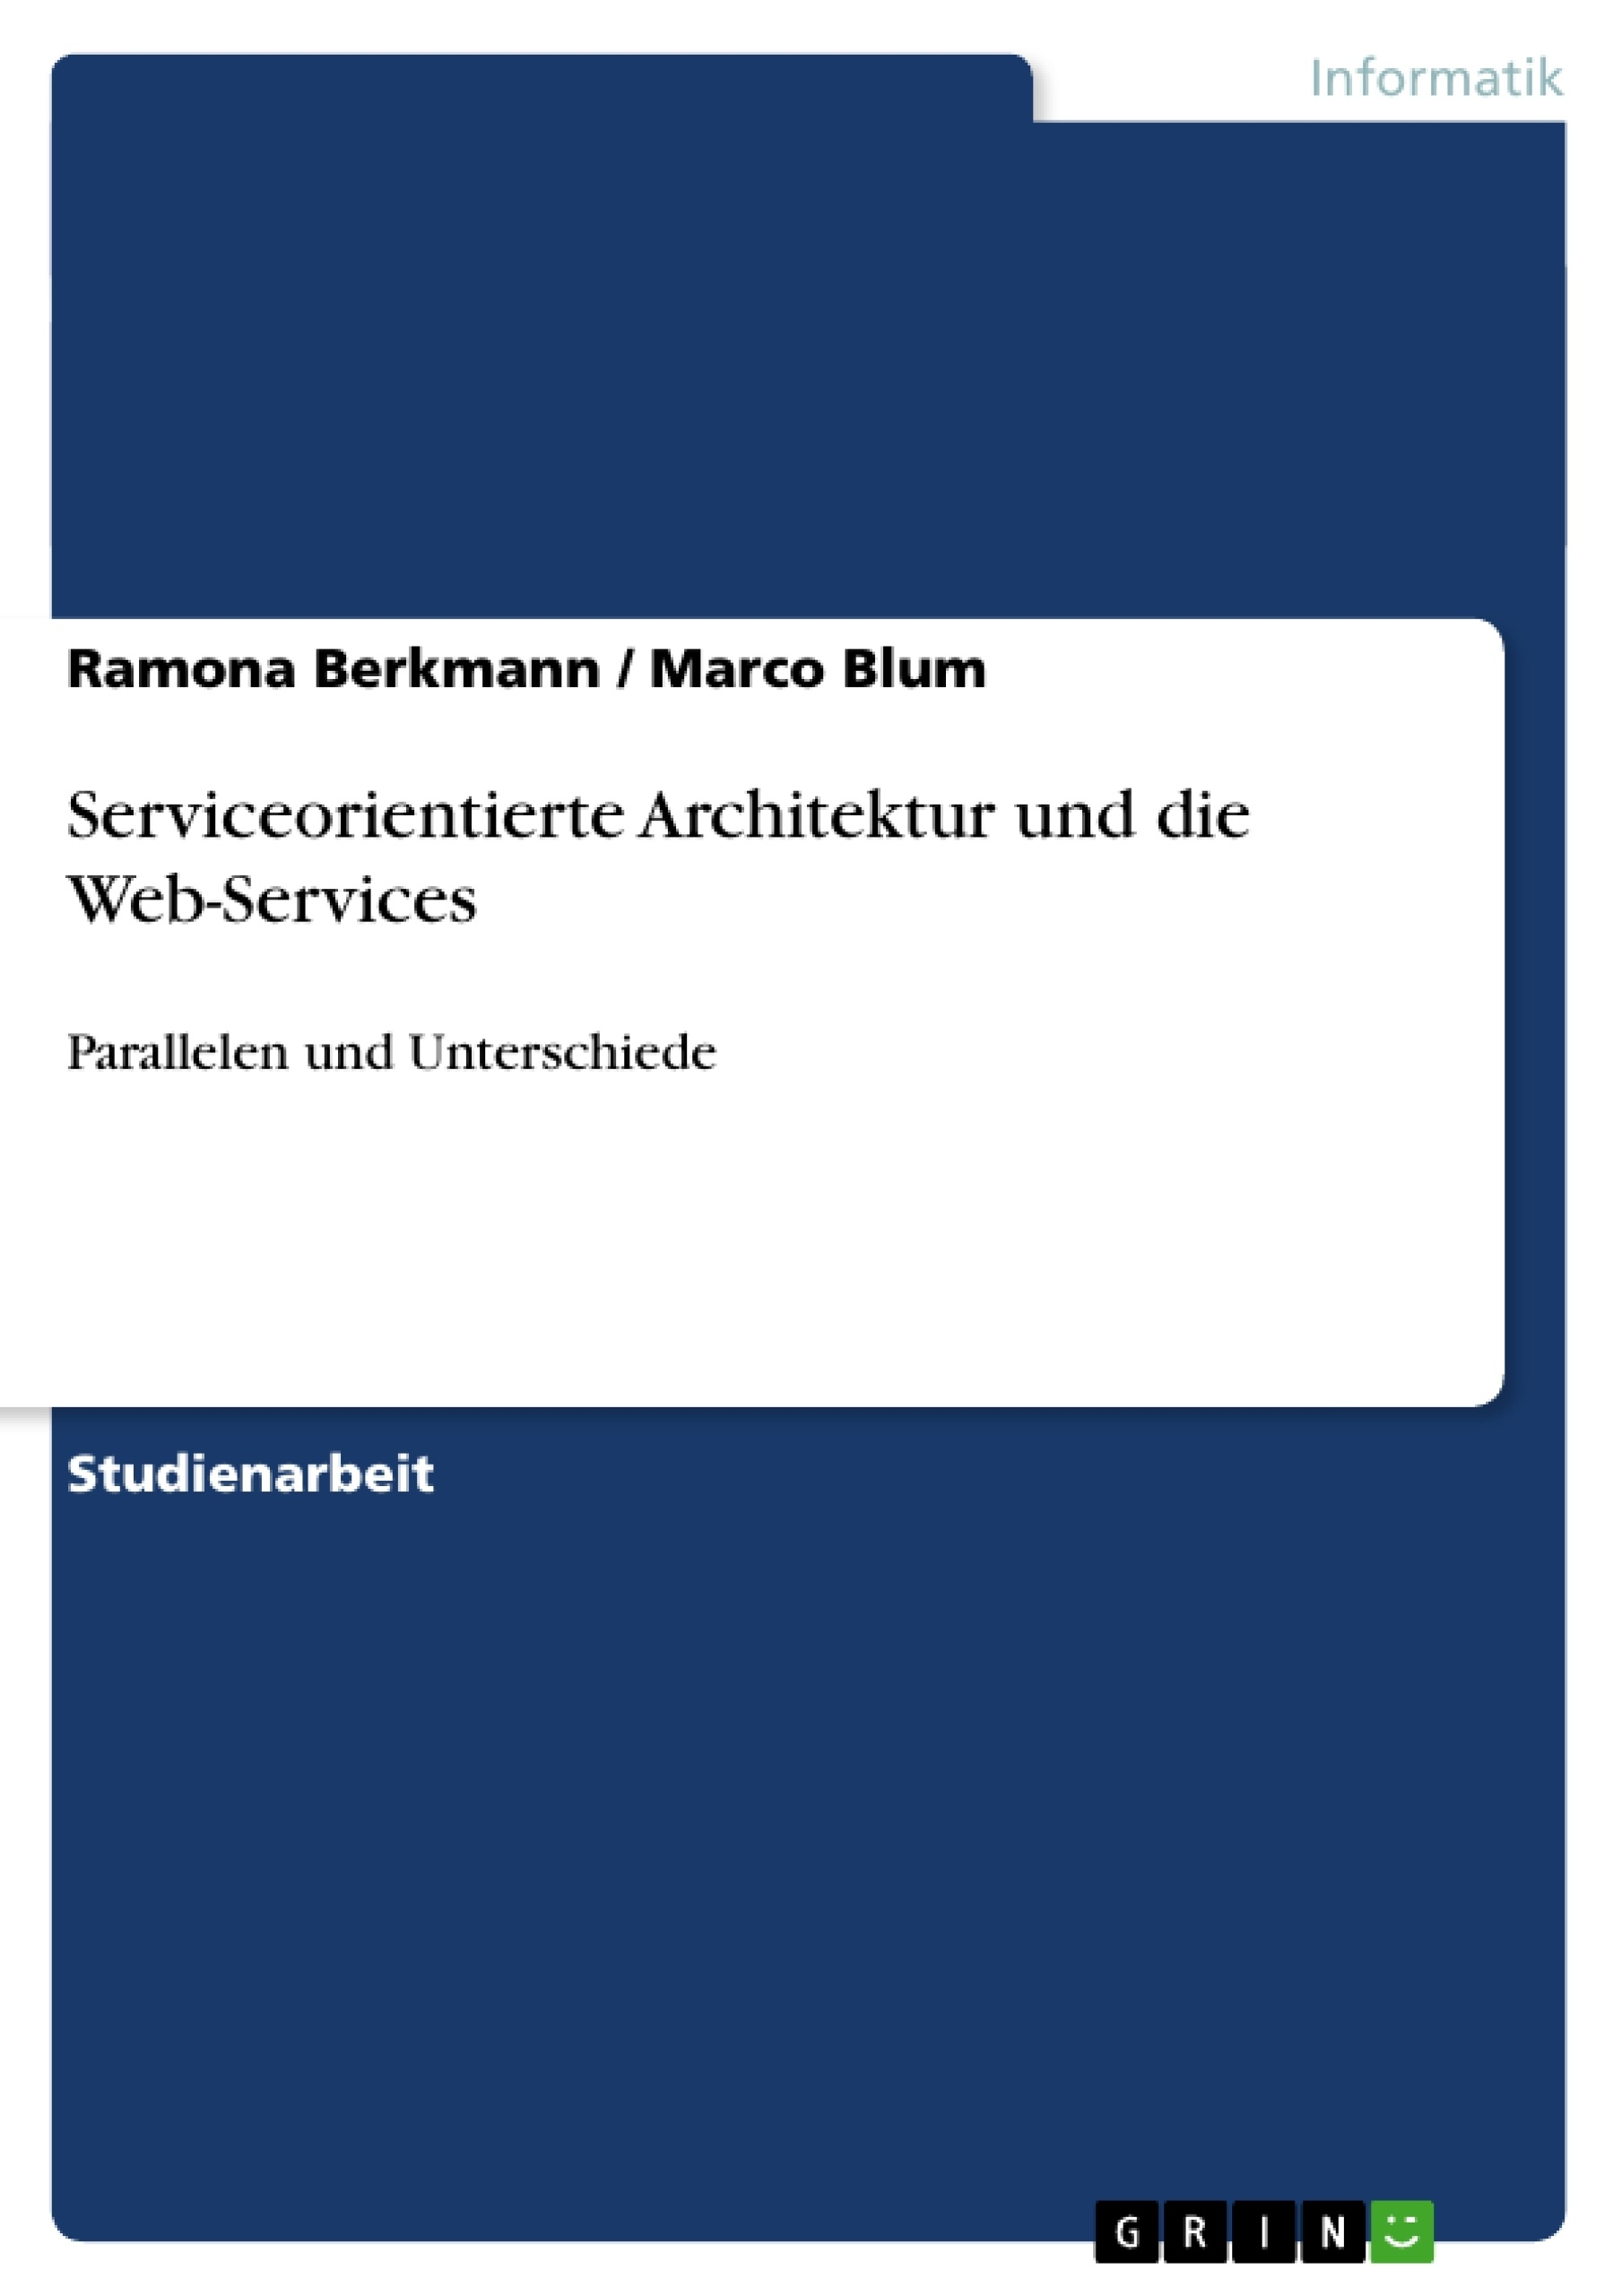 Titel: Serviceorientierte Architektur und die Web-Services